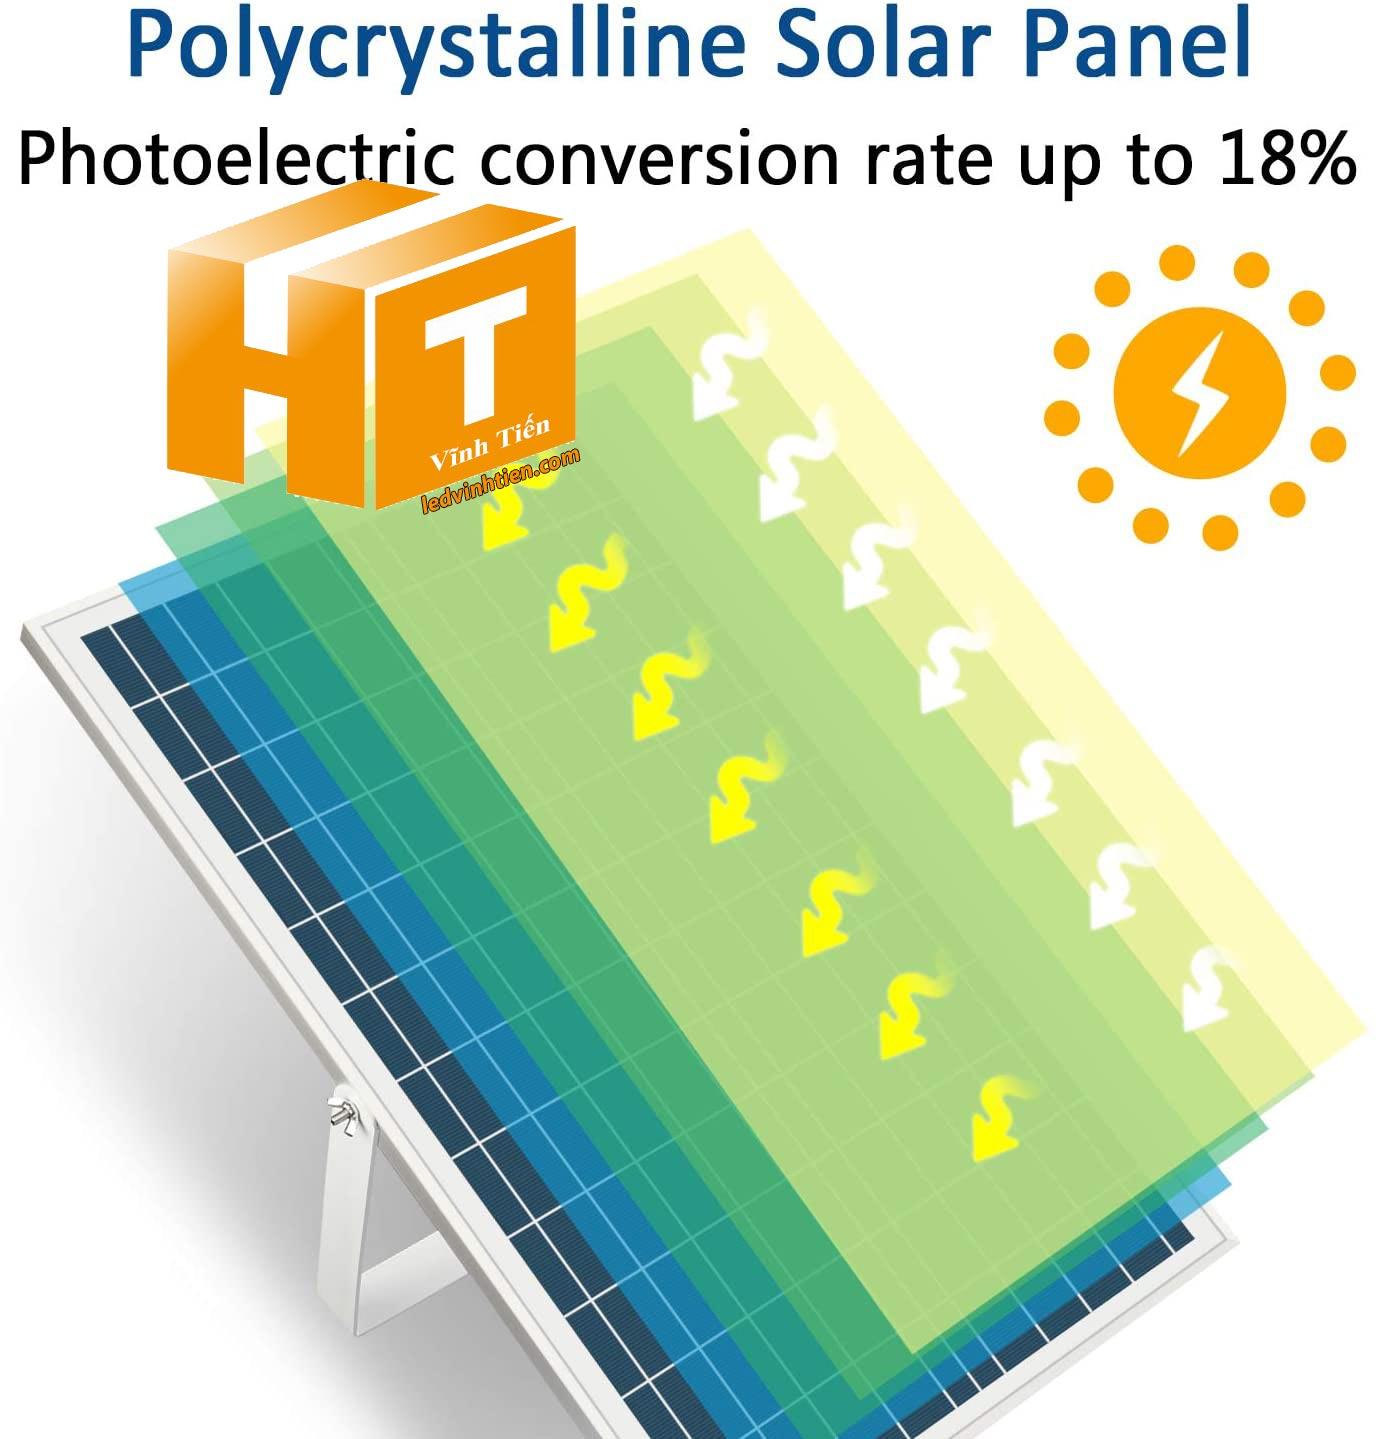 Đèn pha led năng lượng mặt trời thấu kính 60W. sử dụng năng lượng mặt trời chiếu sáng từ 3-5 năm không lo tốn tiền điện,  hiêu JINDIAN, Thời gian chiếu sáng đến 10-12 giờ liên tục, Đèn có tính năng tự động bật khi trời tối và tắt khi trời sáng.  Lắp đặt dễ dàng, phù hợp mọi địa hình,  Thắp sáng suốt đêm, tránh xa sự dòm ngó của trộm cắp  Kèm theo điều khiển bật/tắt từ xa và chế độ hằng giờ hiện đại giúp cuộc sống của bạn dễ dàng và tiện lợi hơn bao giờ hết.  Tấm pin công nghệ Poly, tuổi thọ lên đến 10-12 năm. Thích hợp lắp đặt trong nhà, các ki ốt, nhà hàng, trên tàu thuyền. sản phẩm đèn năng lượng dùng ngoài trời, loại tốt, giá rẻ, chất lượng, siêu sáng, cảm úng chuyển động, chính hãng ledvinhtien.com